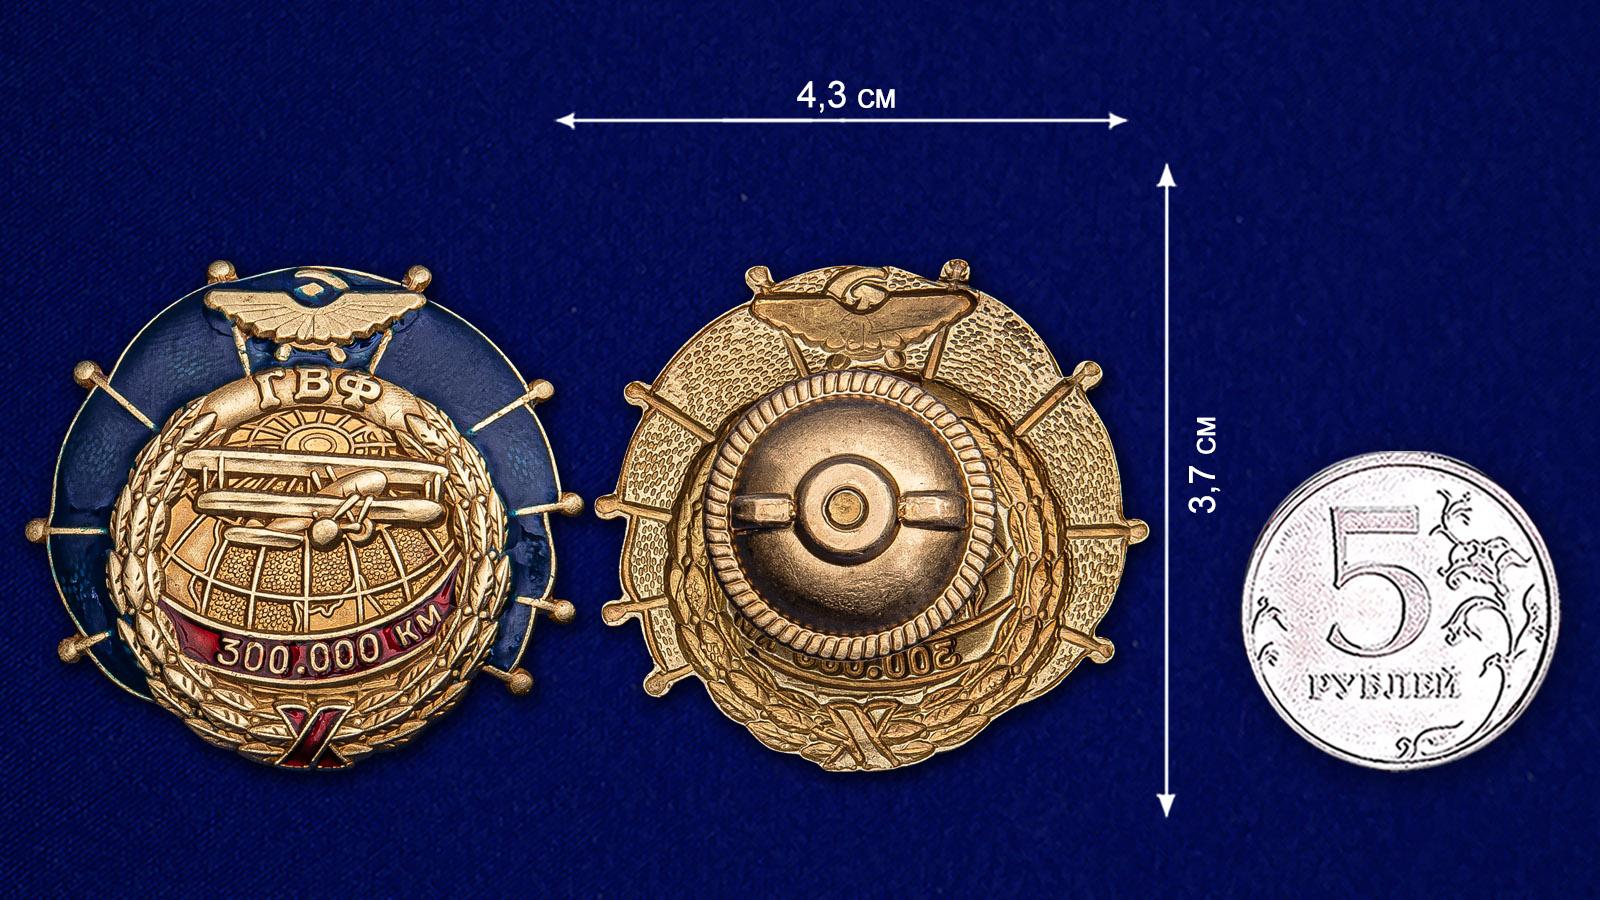 Знак ГВФ По-2 За налет 300 тыс. км - размер